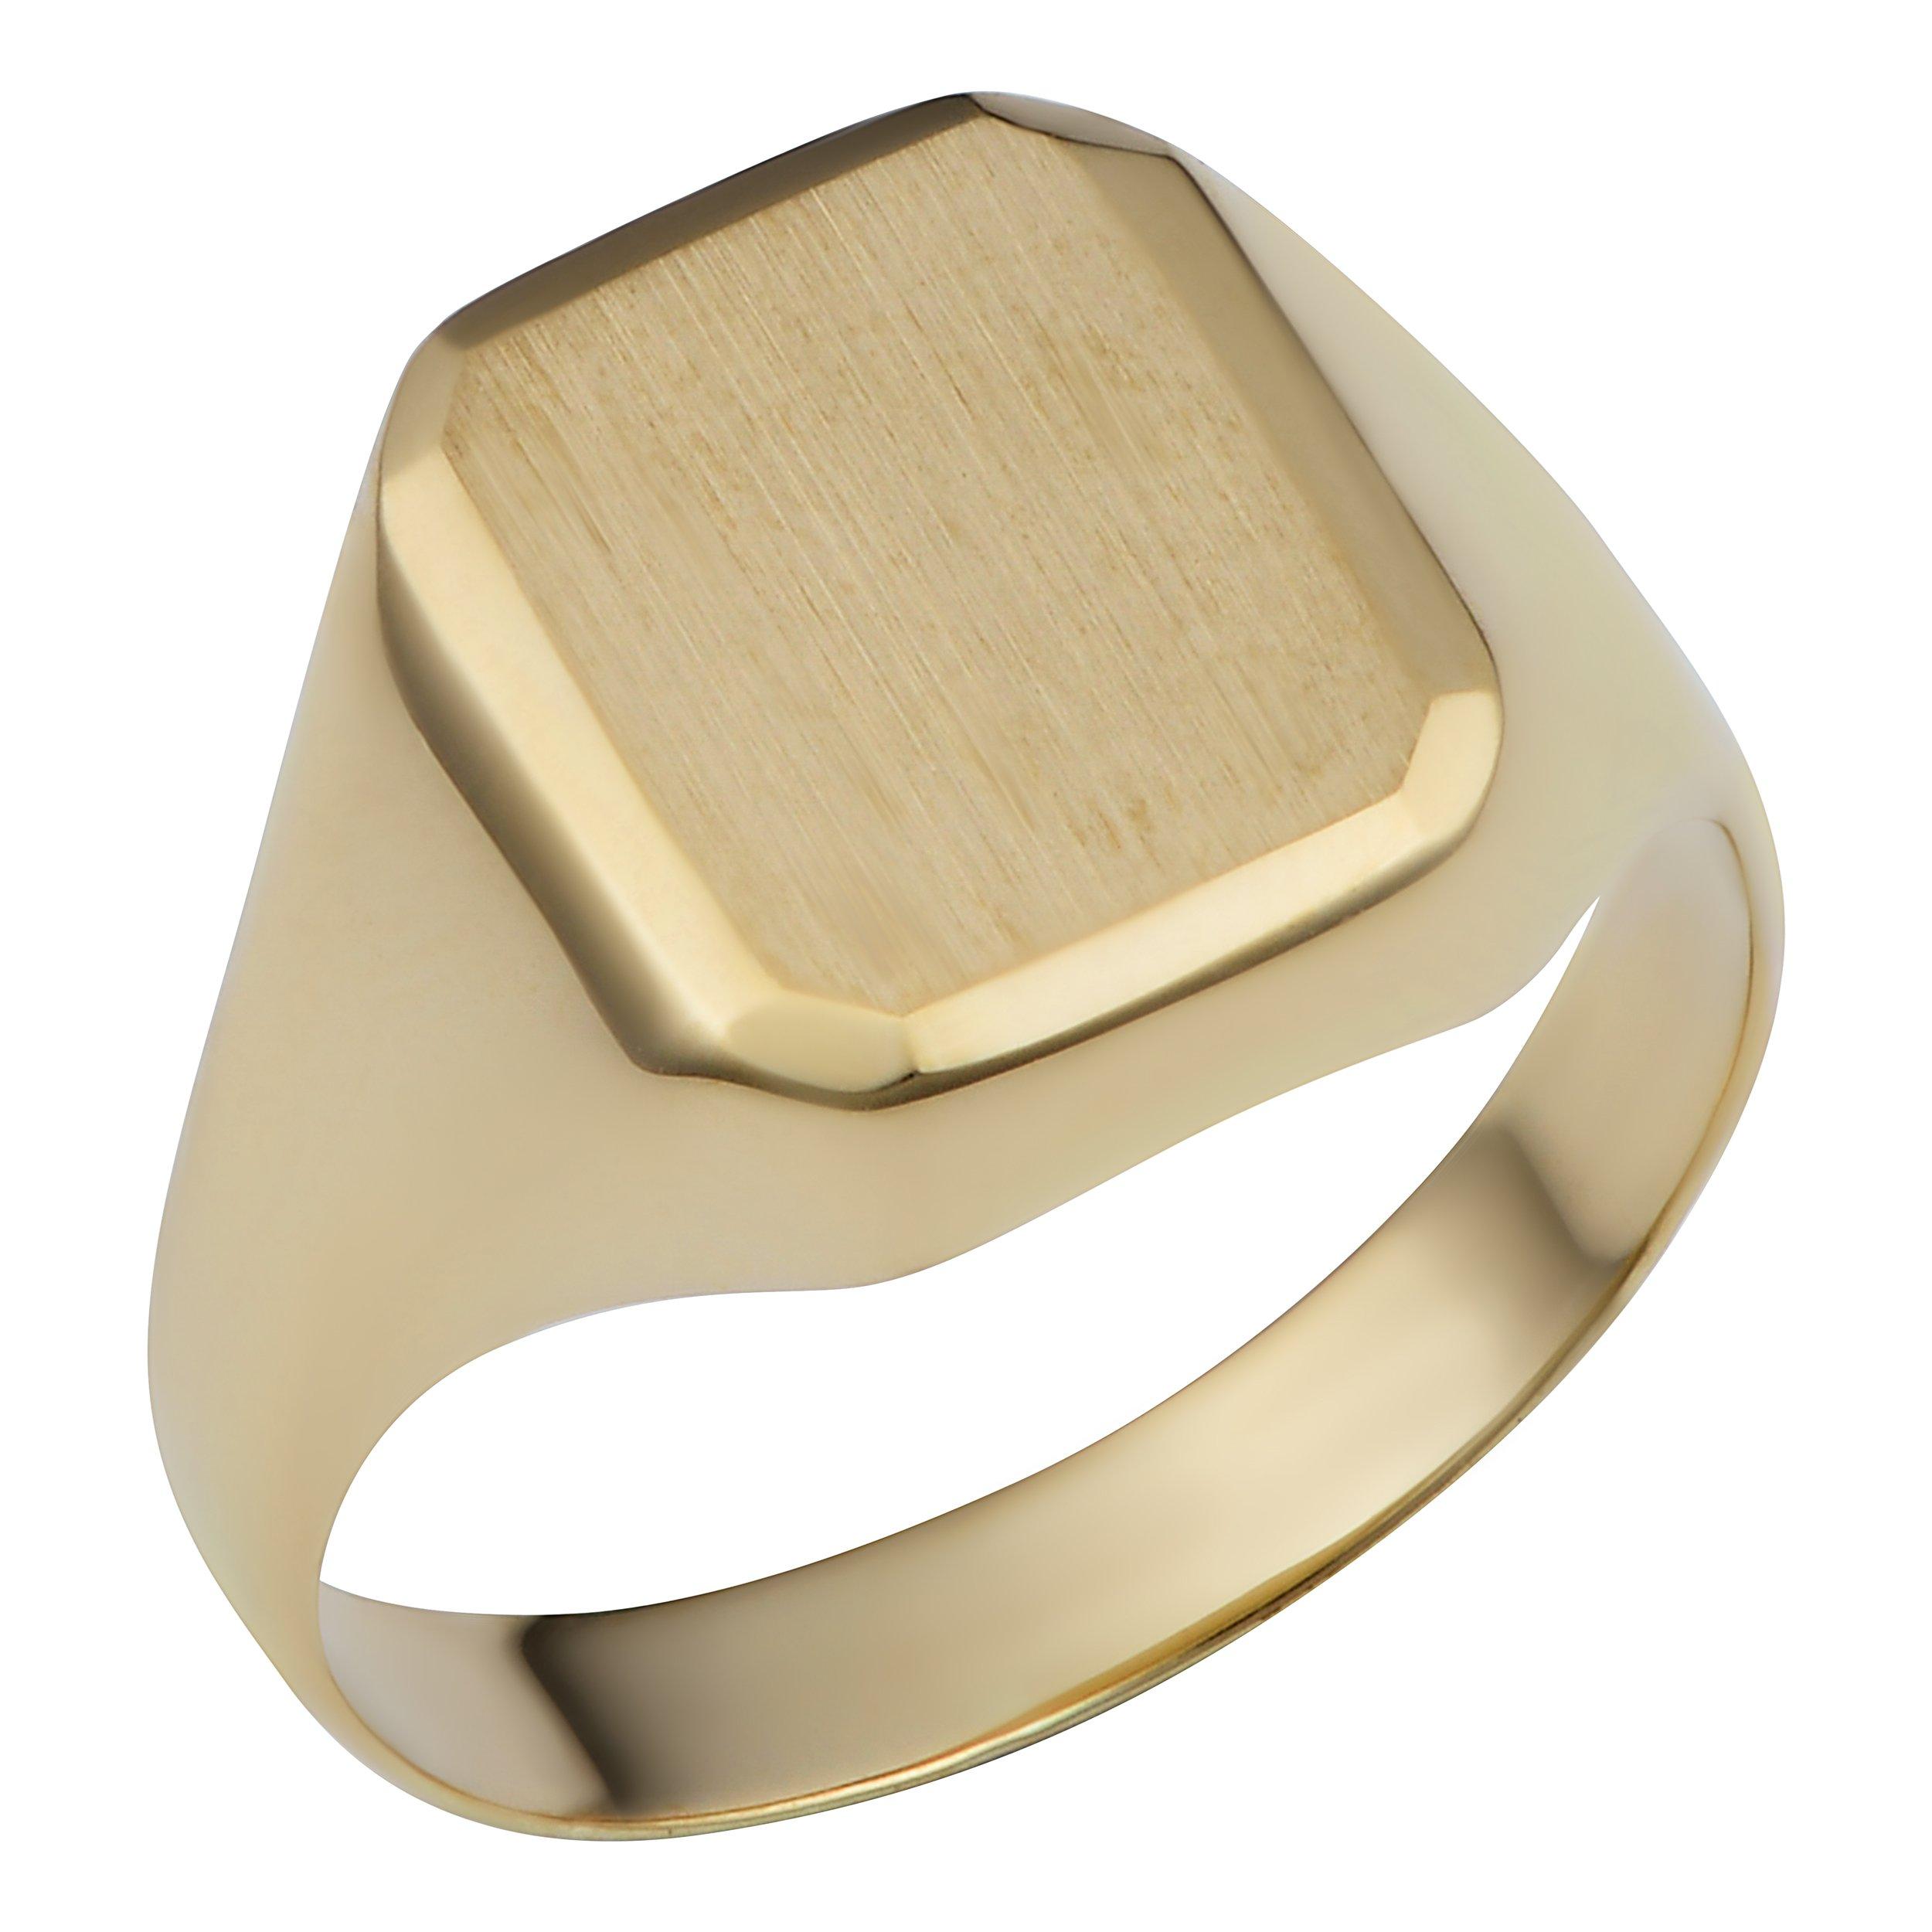 14k Yellow Gold 12.7mm Rectangular Signet Ring (size 7)